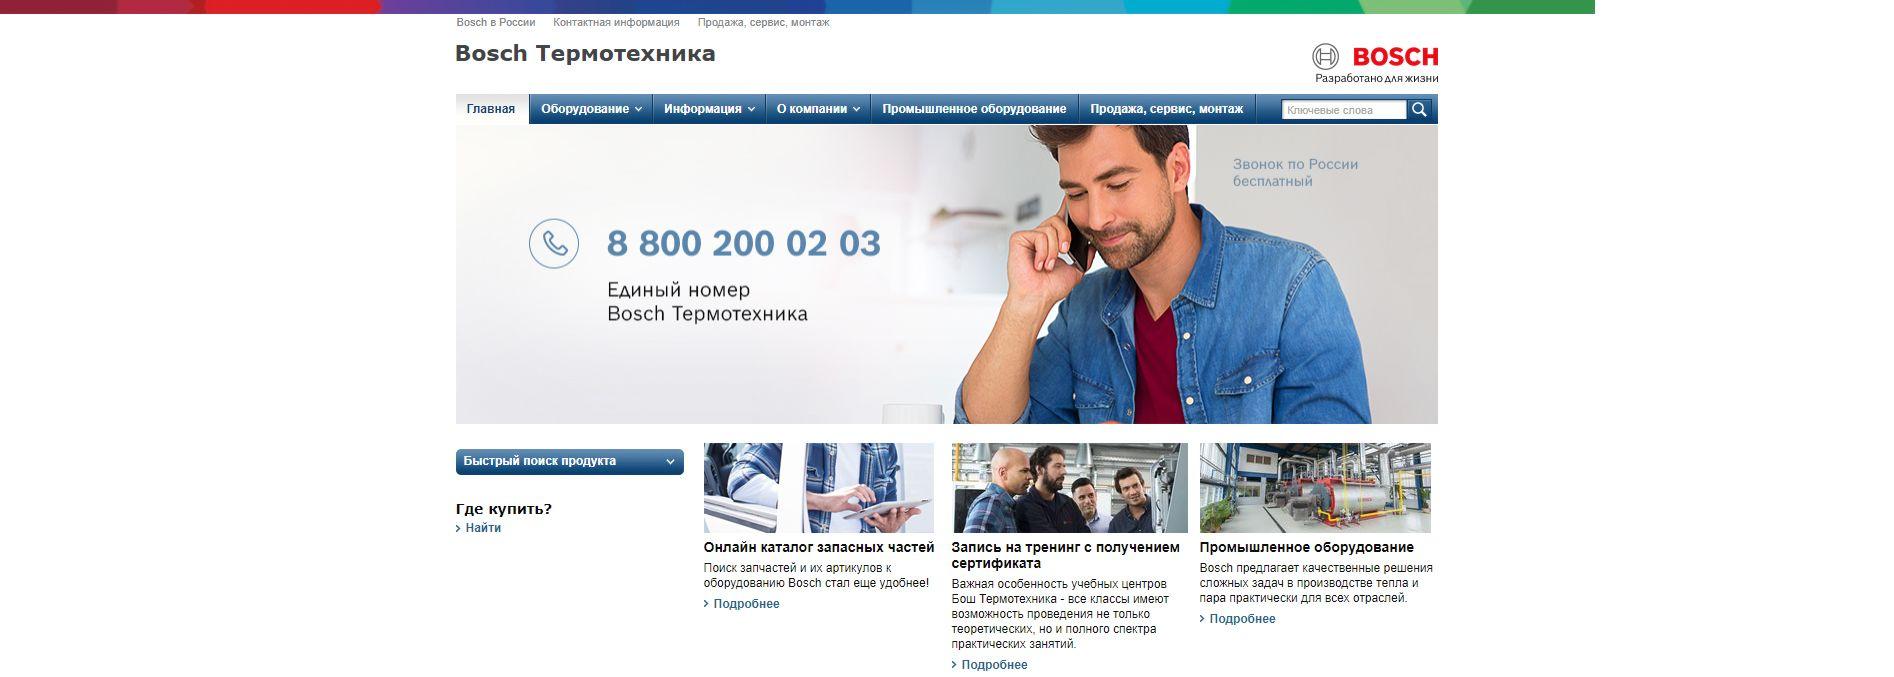 Официальный сайт отопительного оборудования Bosch